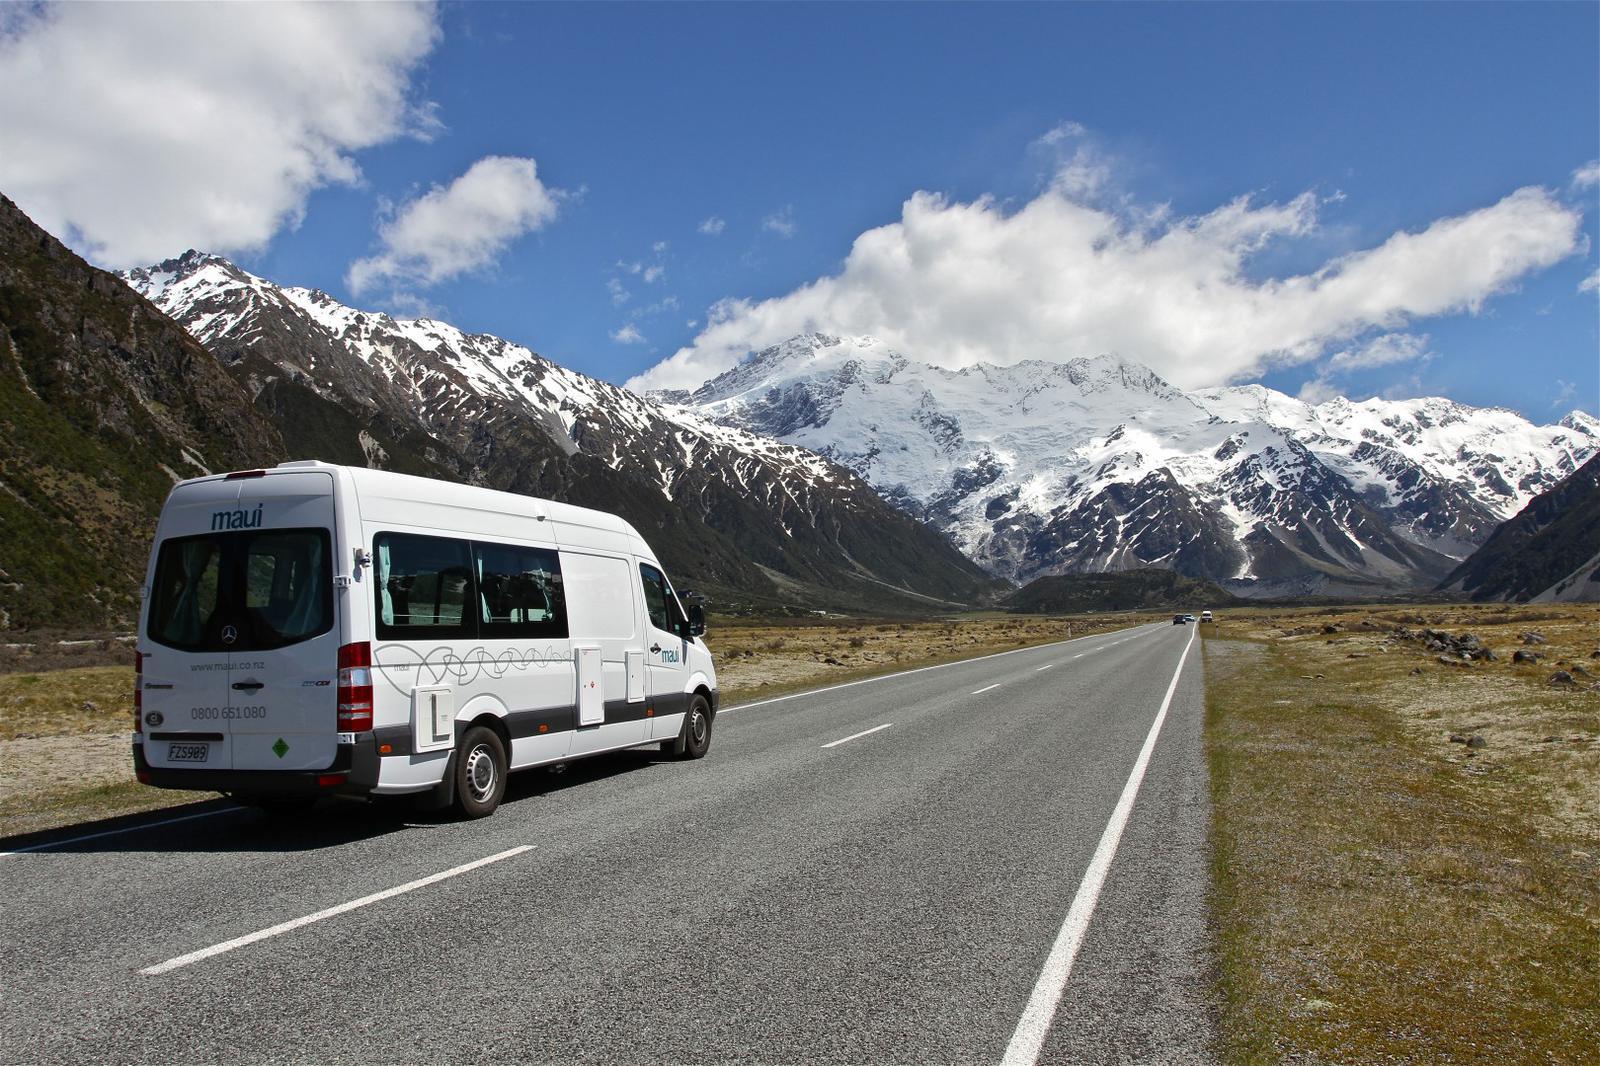 Van Adventure New Zealand